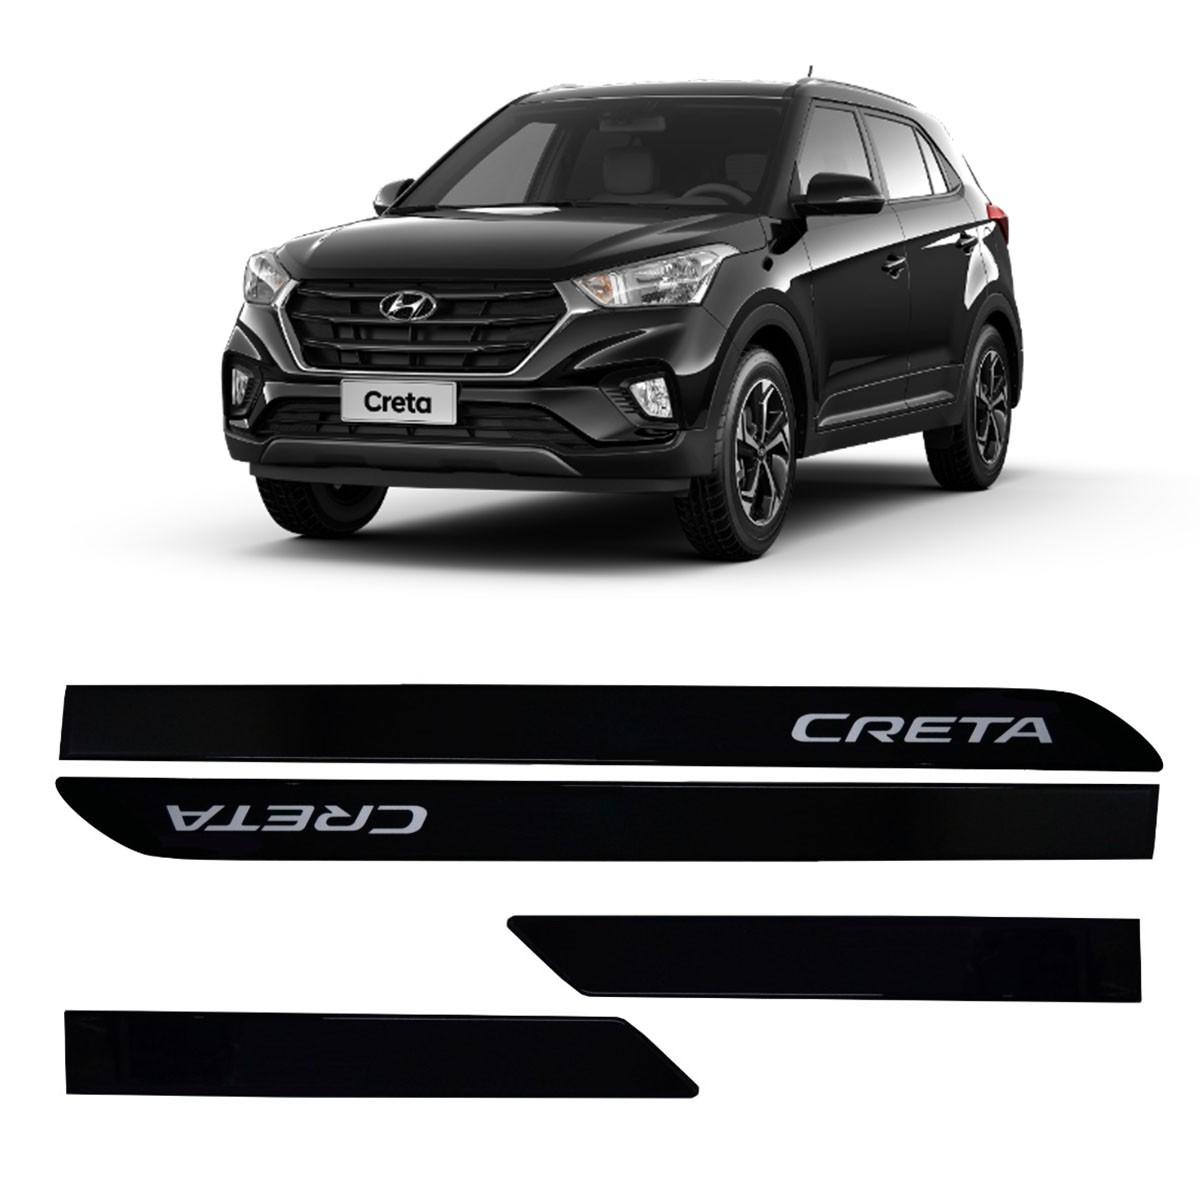 Friso Lateral Personalizado Hyundai Creta Preto Onix